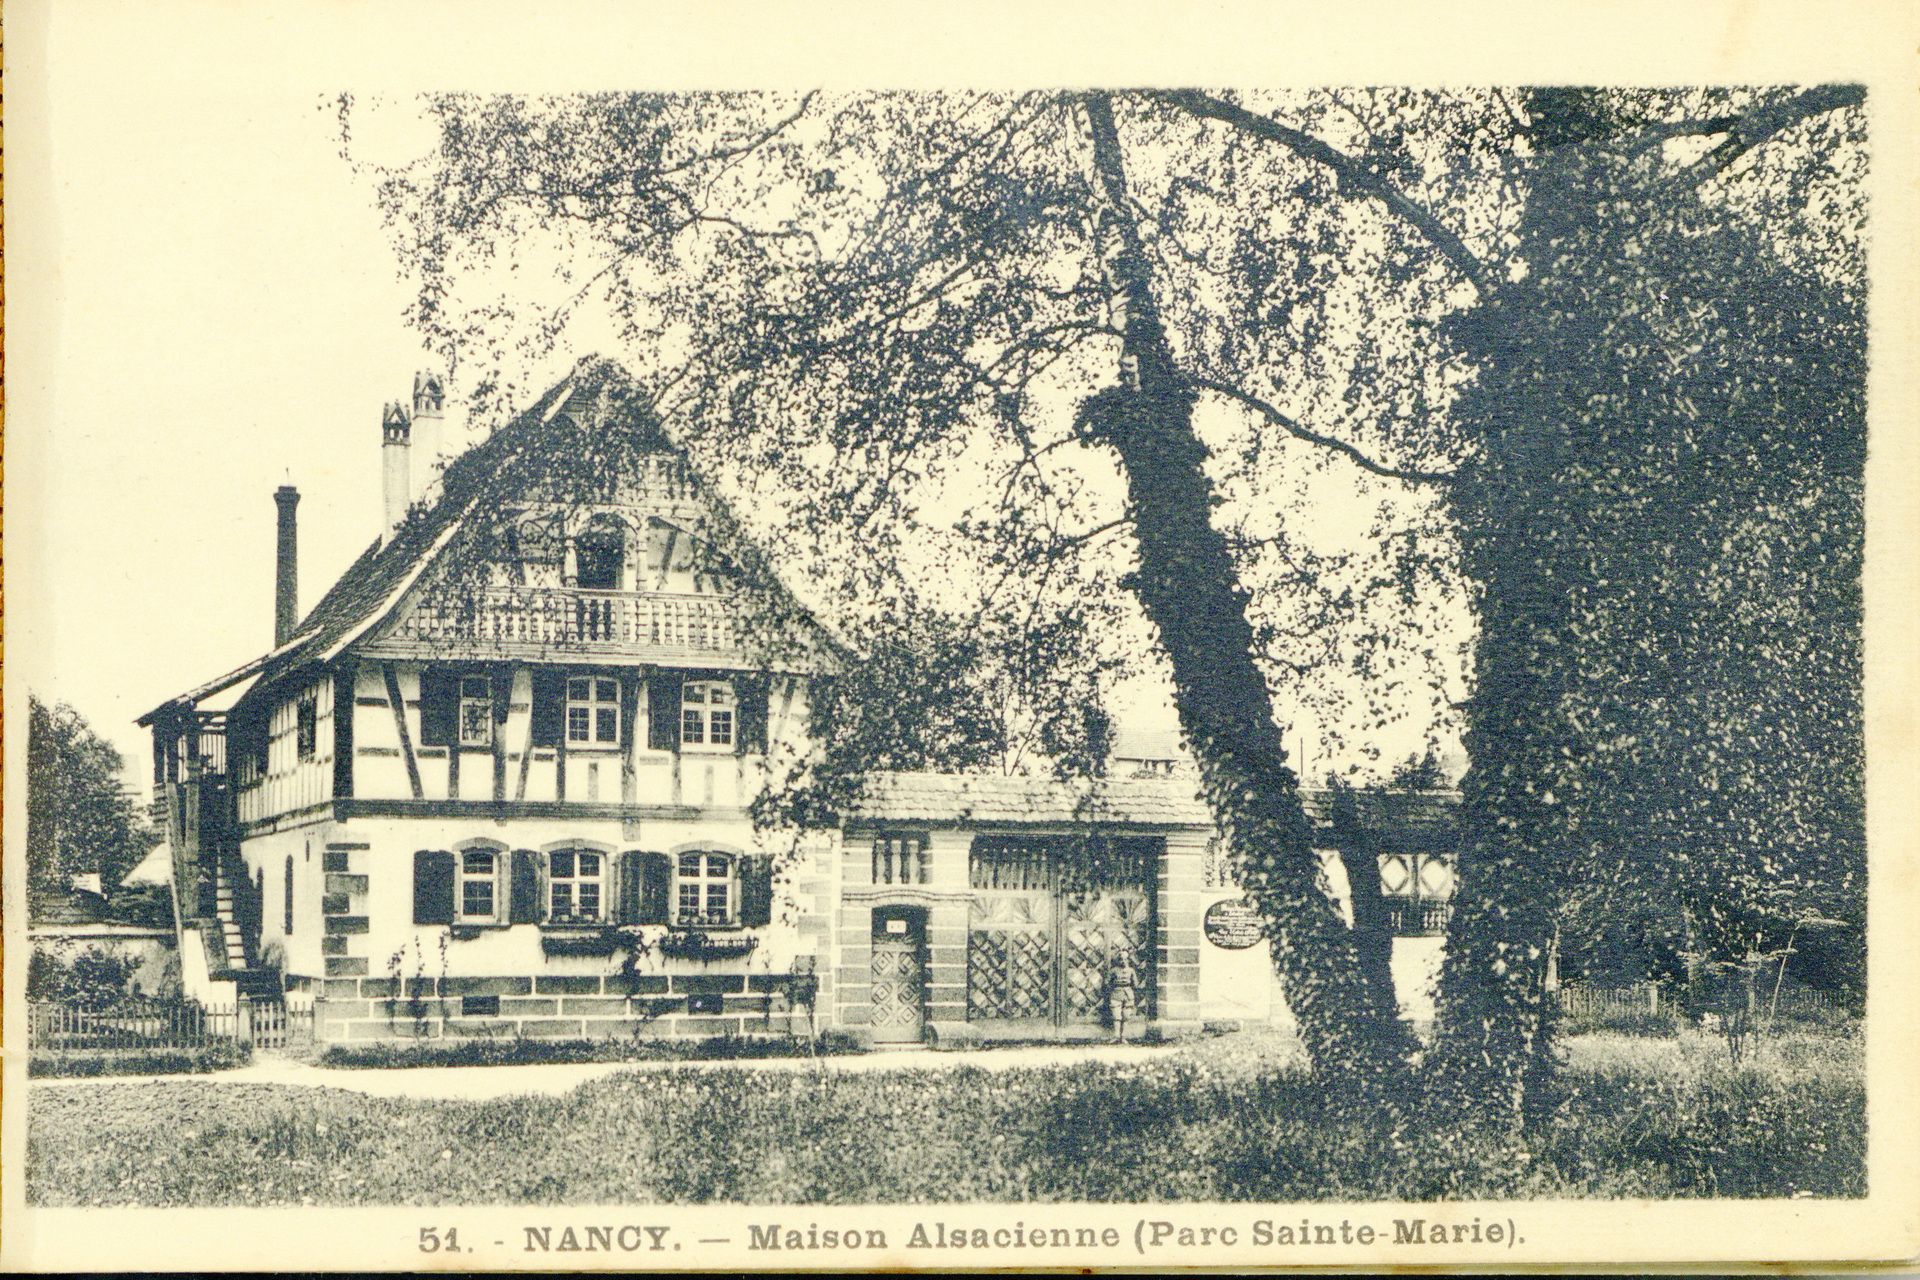 Contenu du La maison alsacienne après l'Exposition universelle de 1909